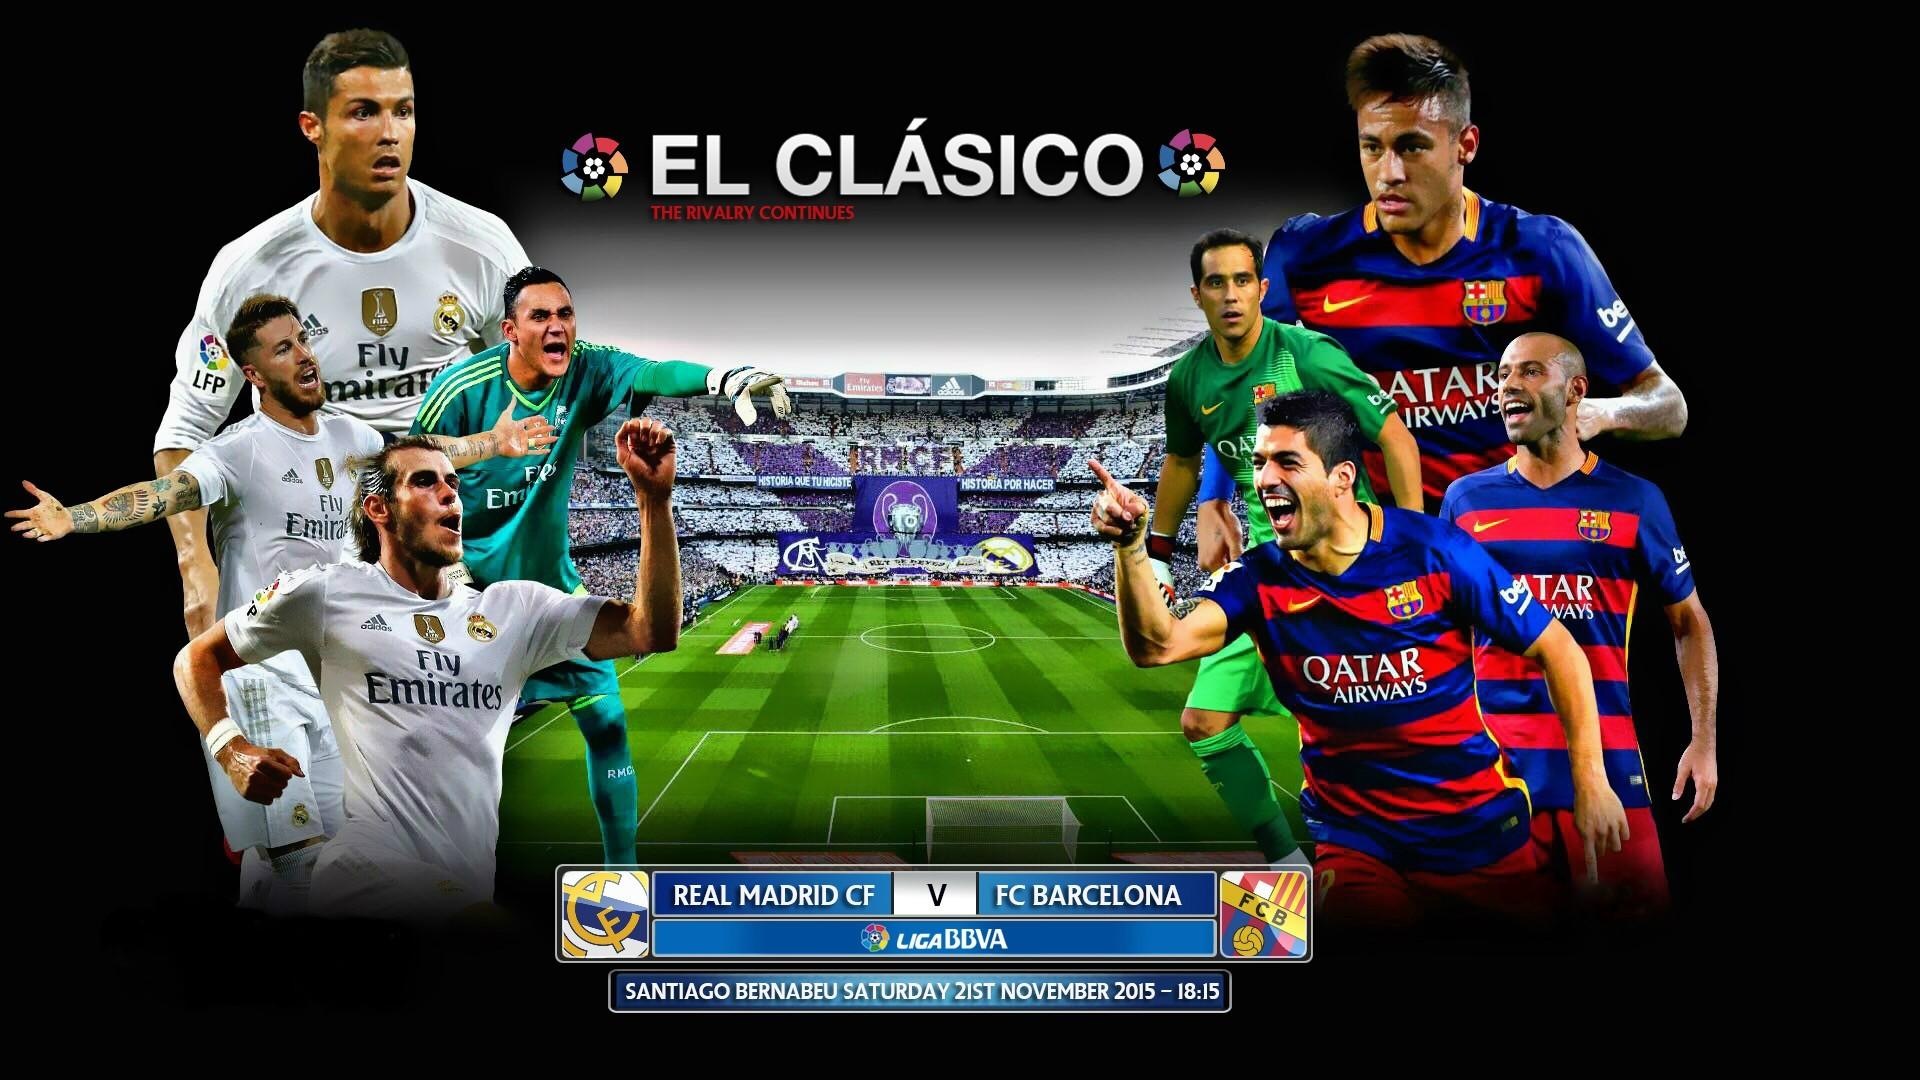 Download Real Madrid vs FC Barcelona 2015 El Clasico HD Wallpaper 1920x1080